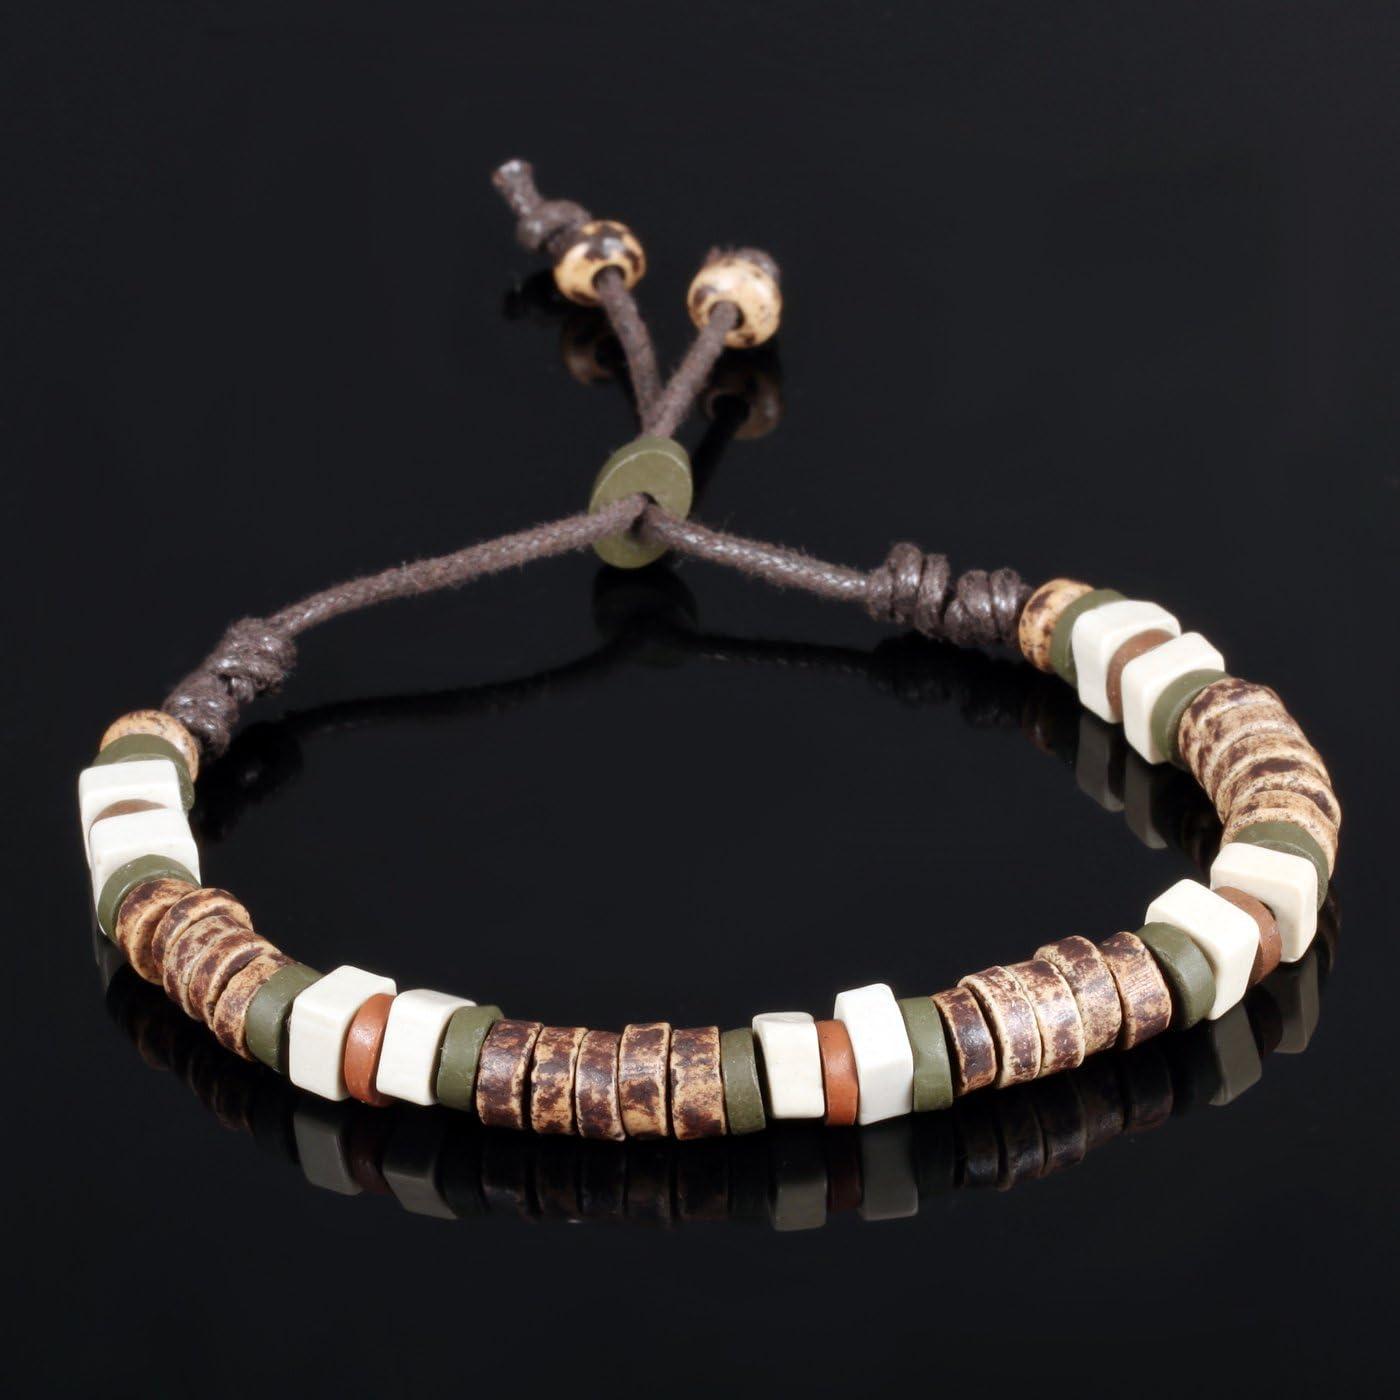 iLove EU Bracelet en c/éramique et porcelaine Bracelet Manchette Corde Surfer Surf Enroulement r/églable Convient pour homme et femme de 7 /à 9 pouces tribal